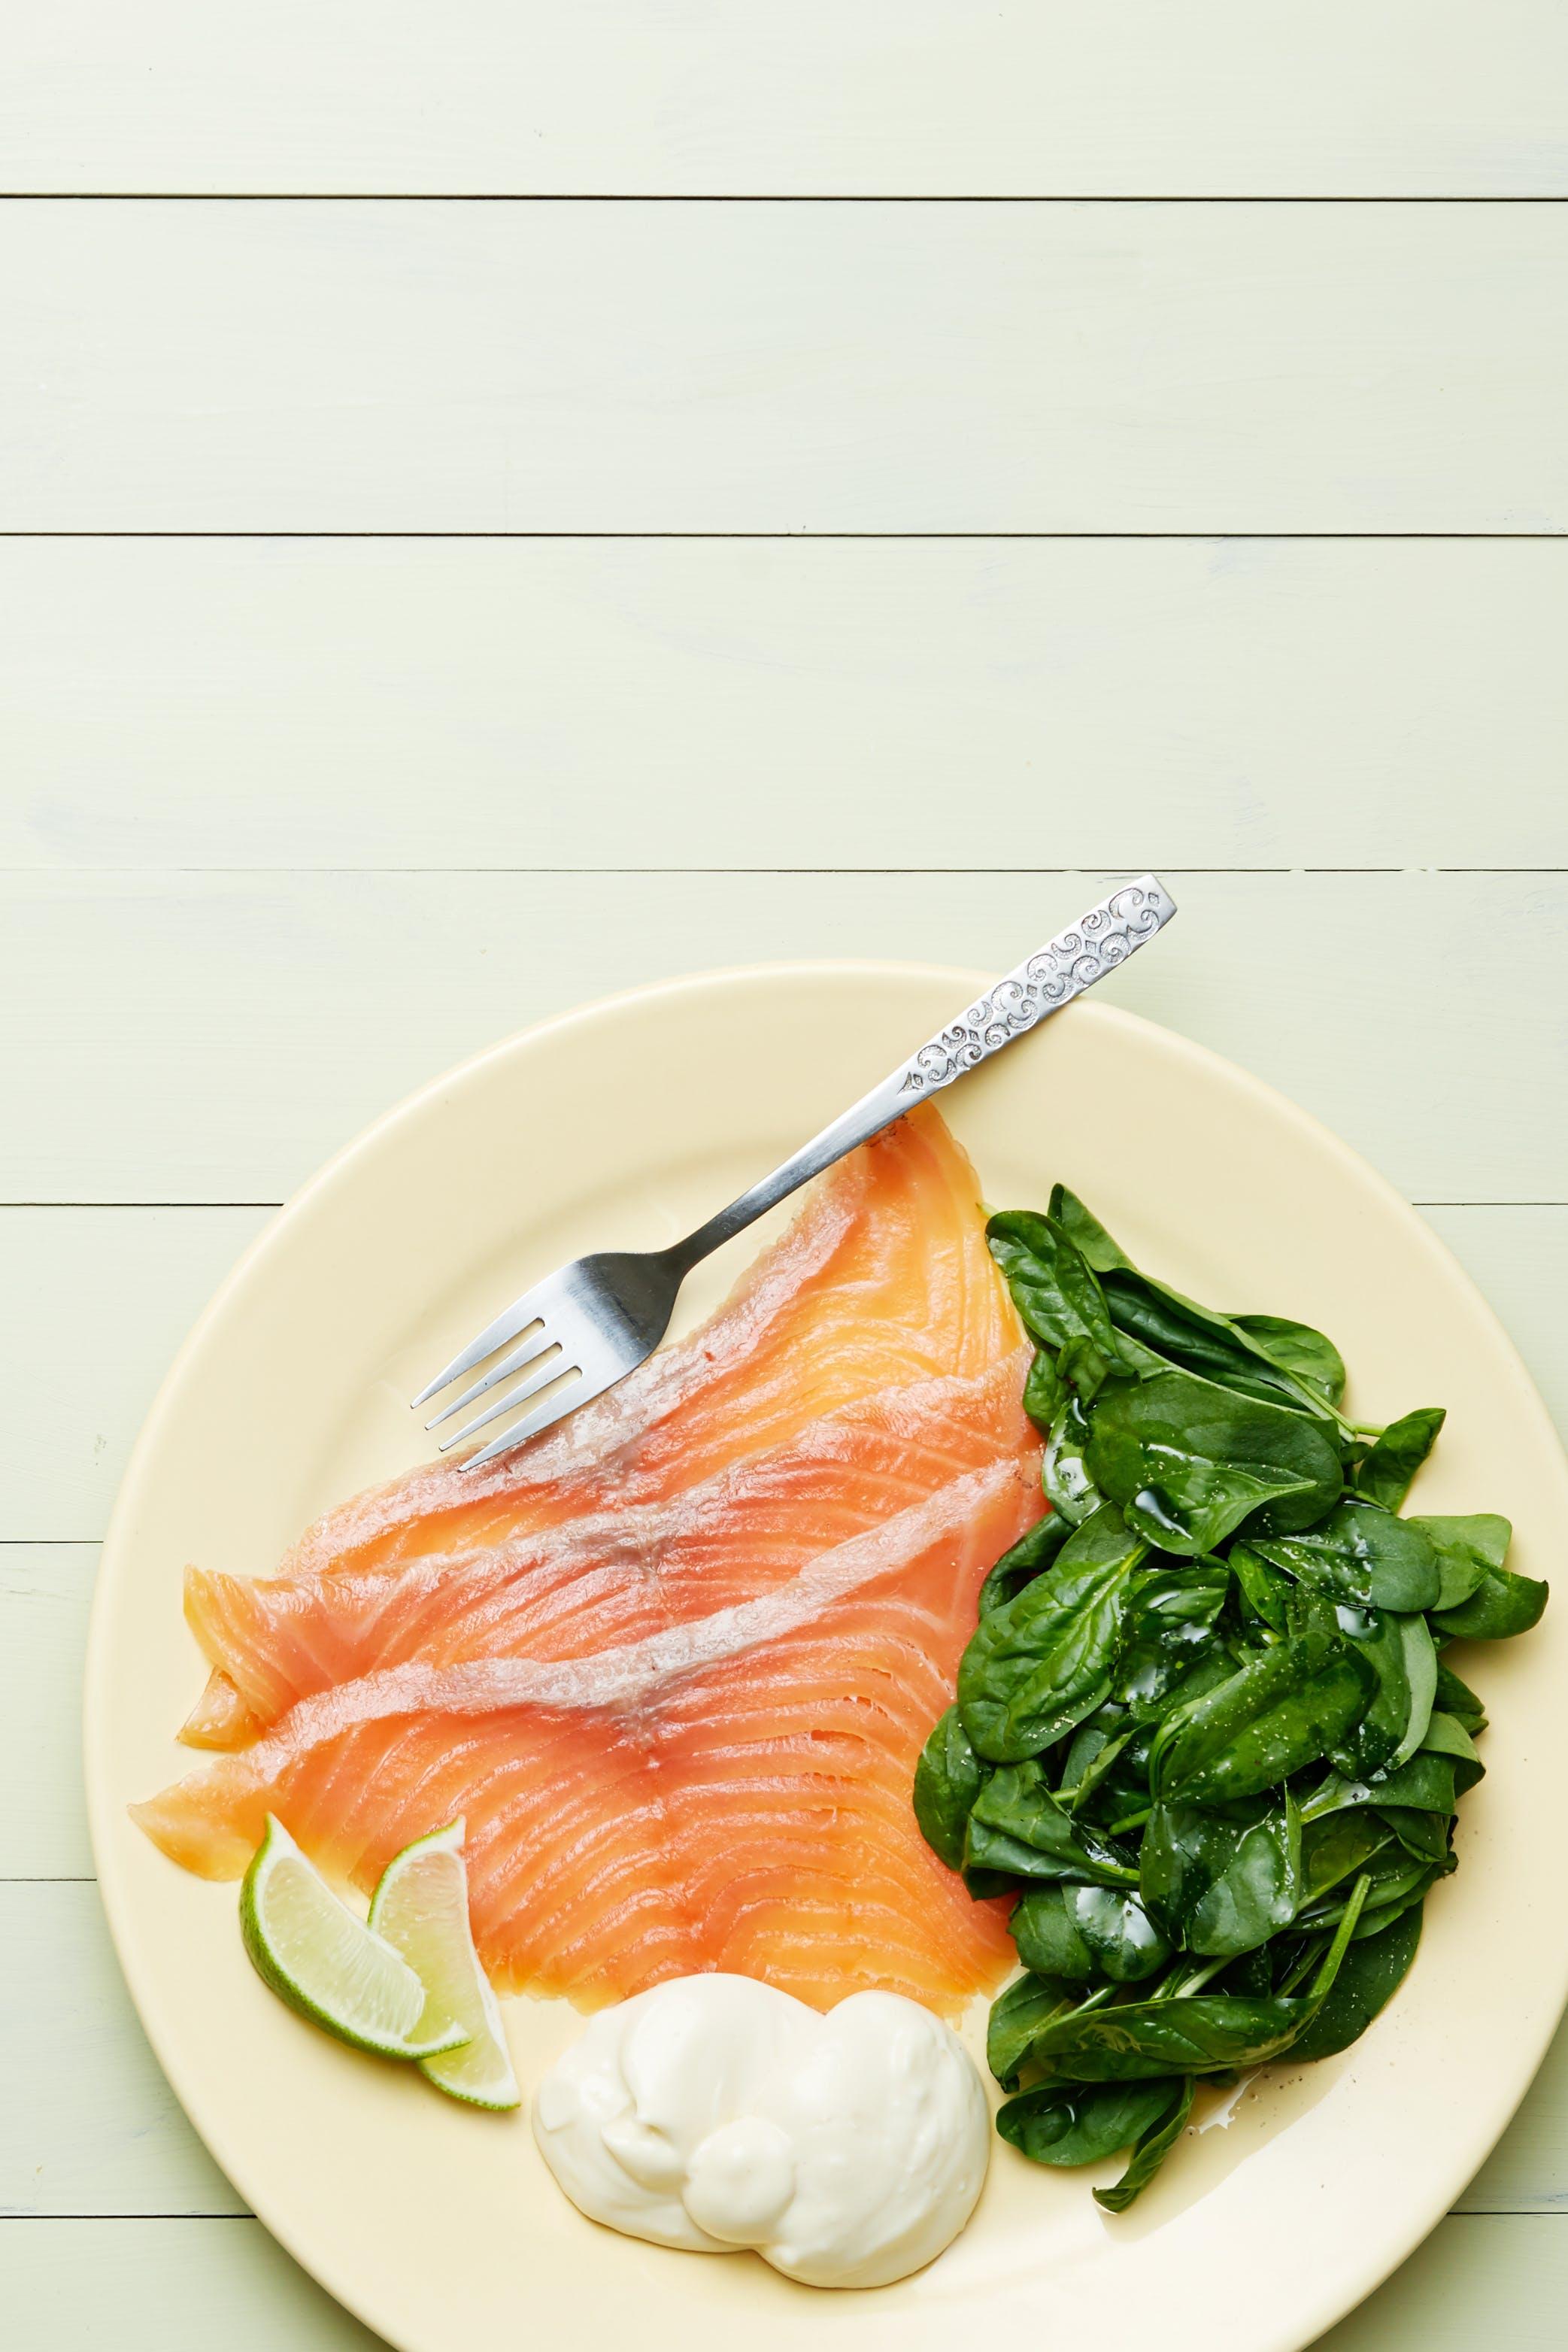 Keto smoked salmon plate